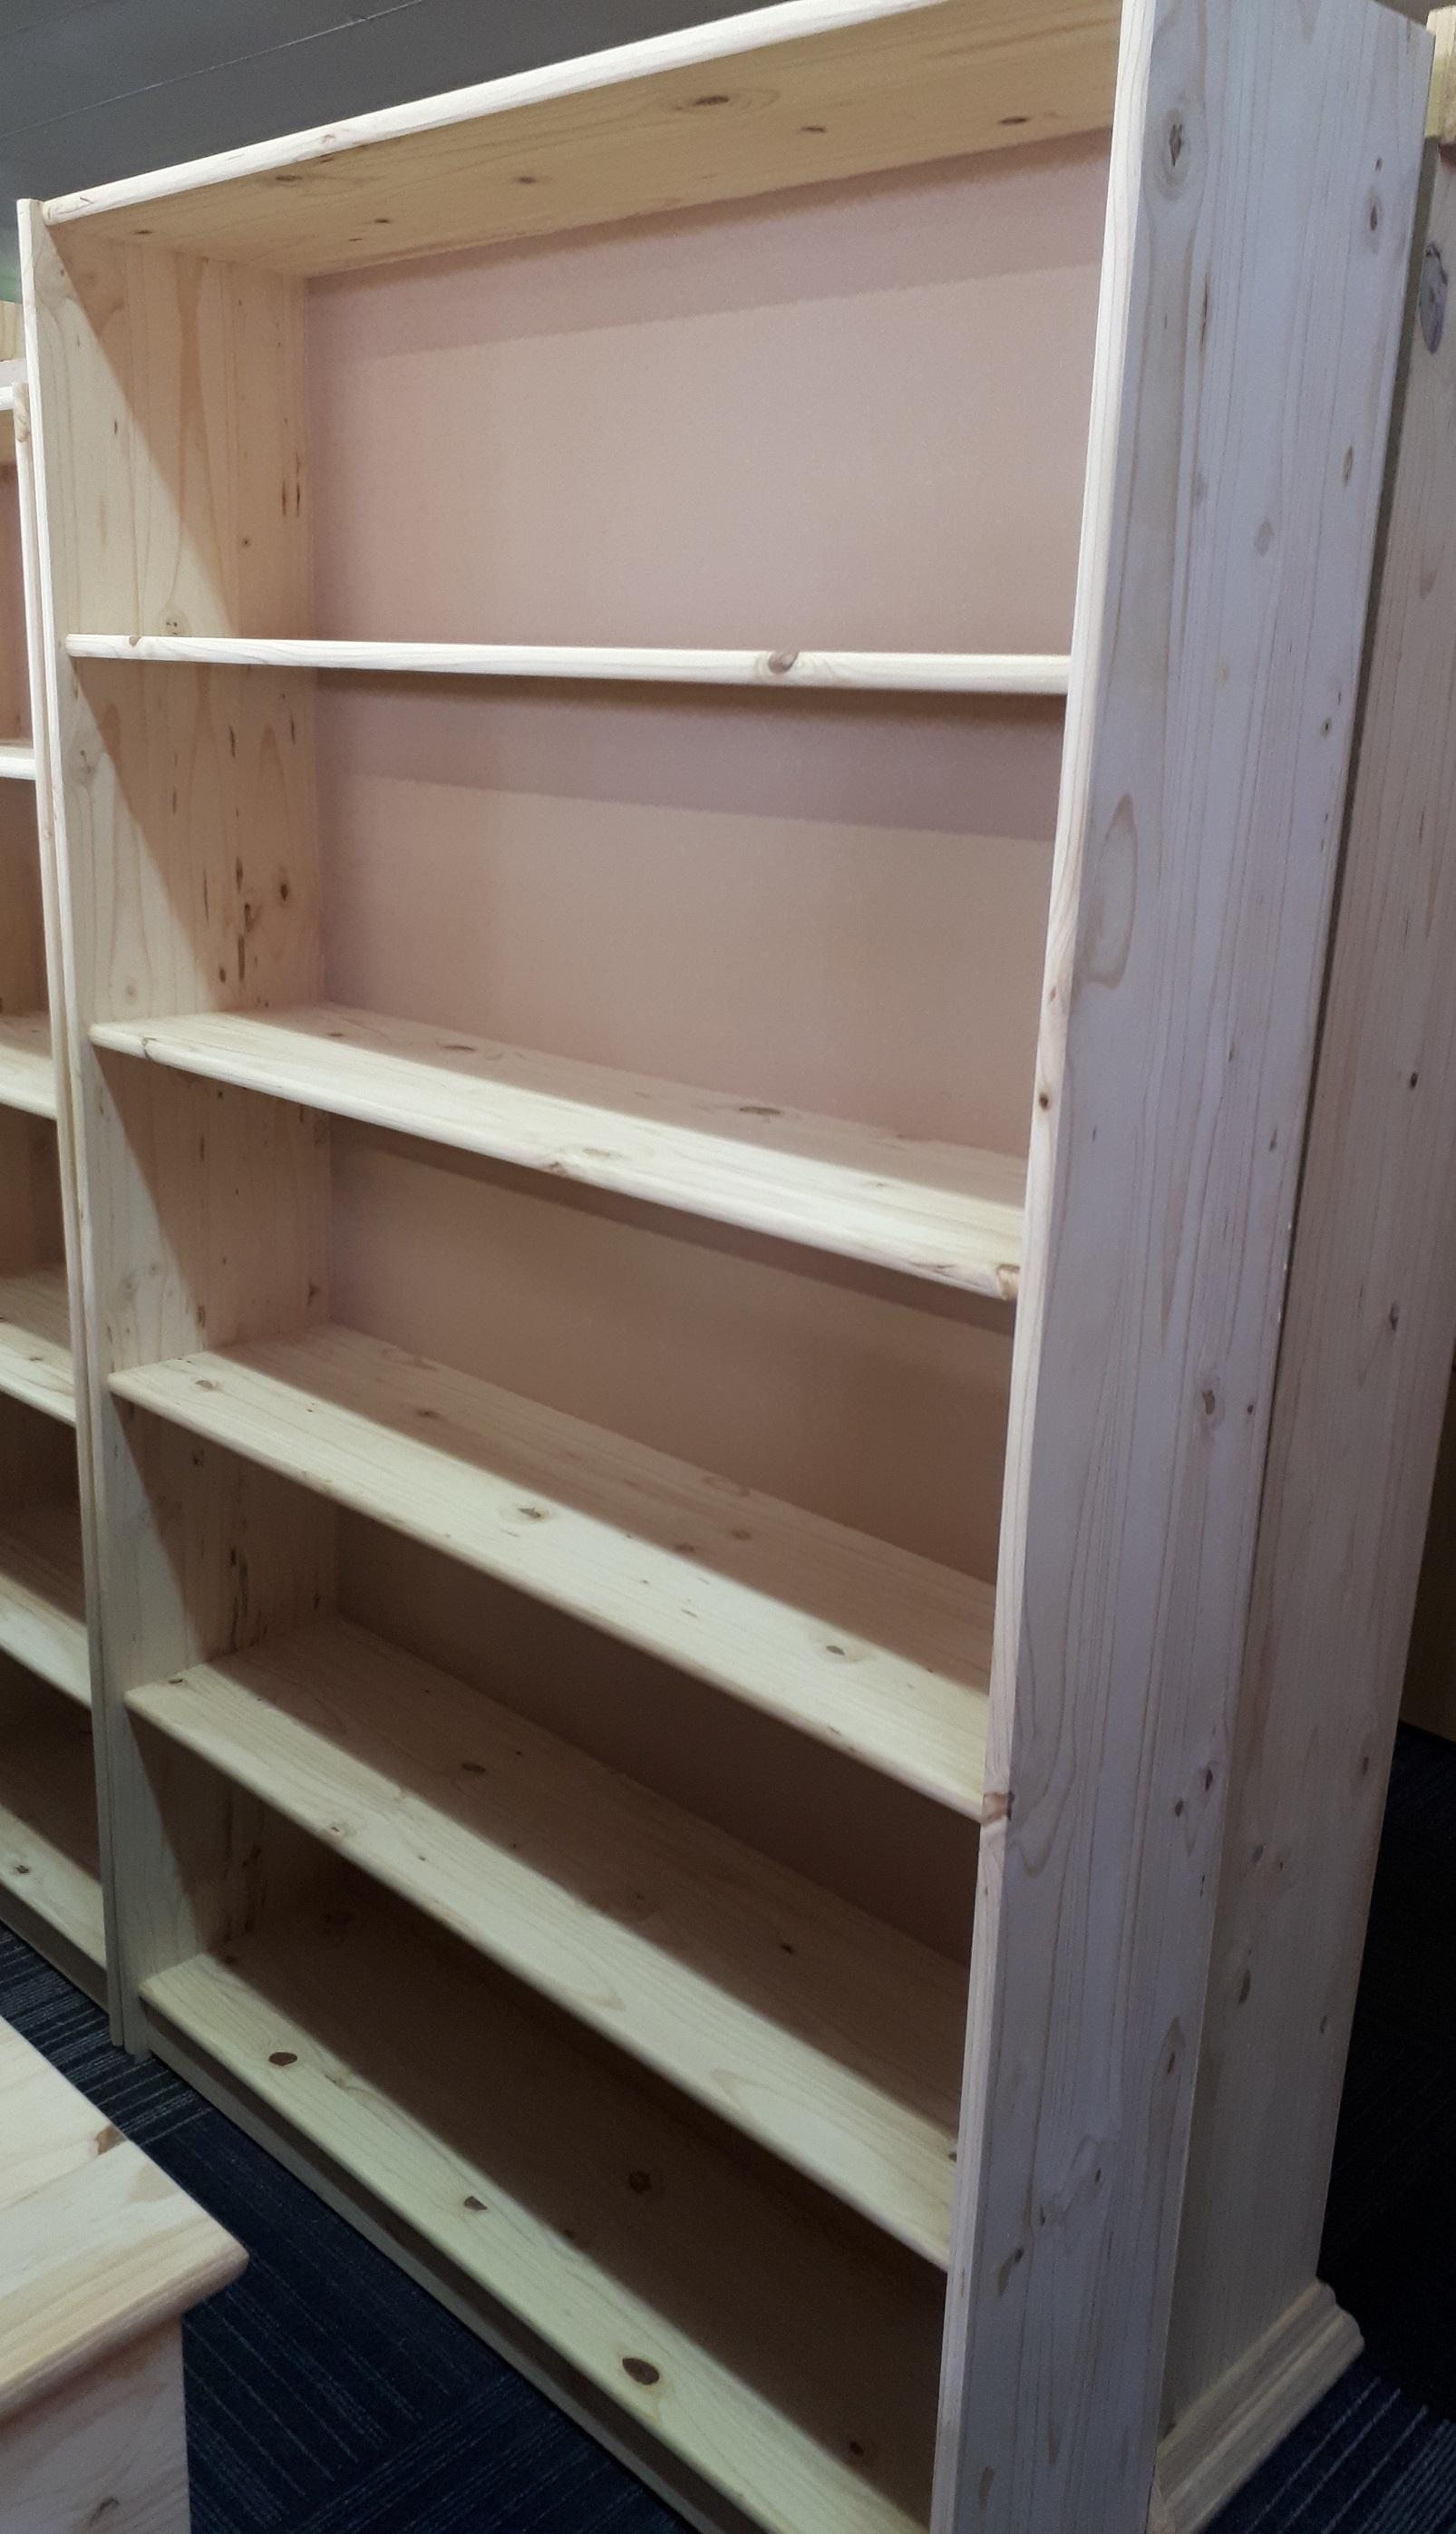 Filing Shelves